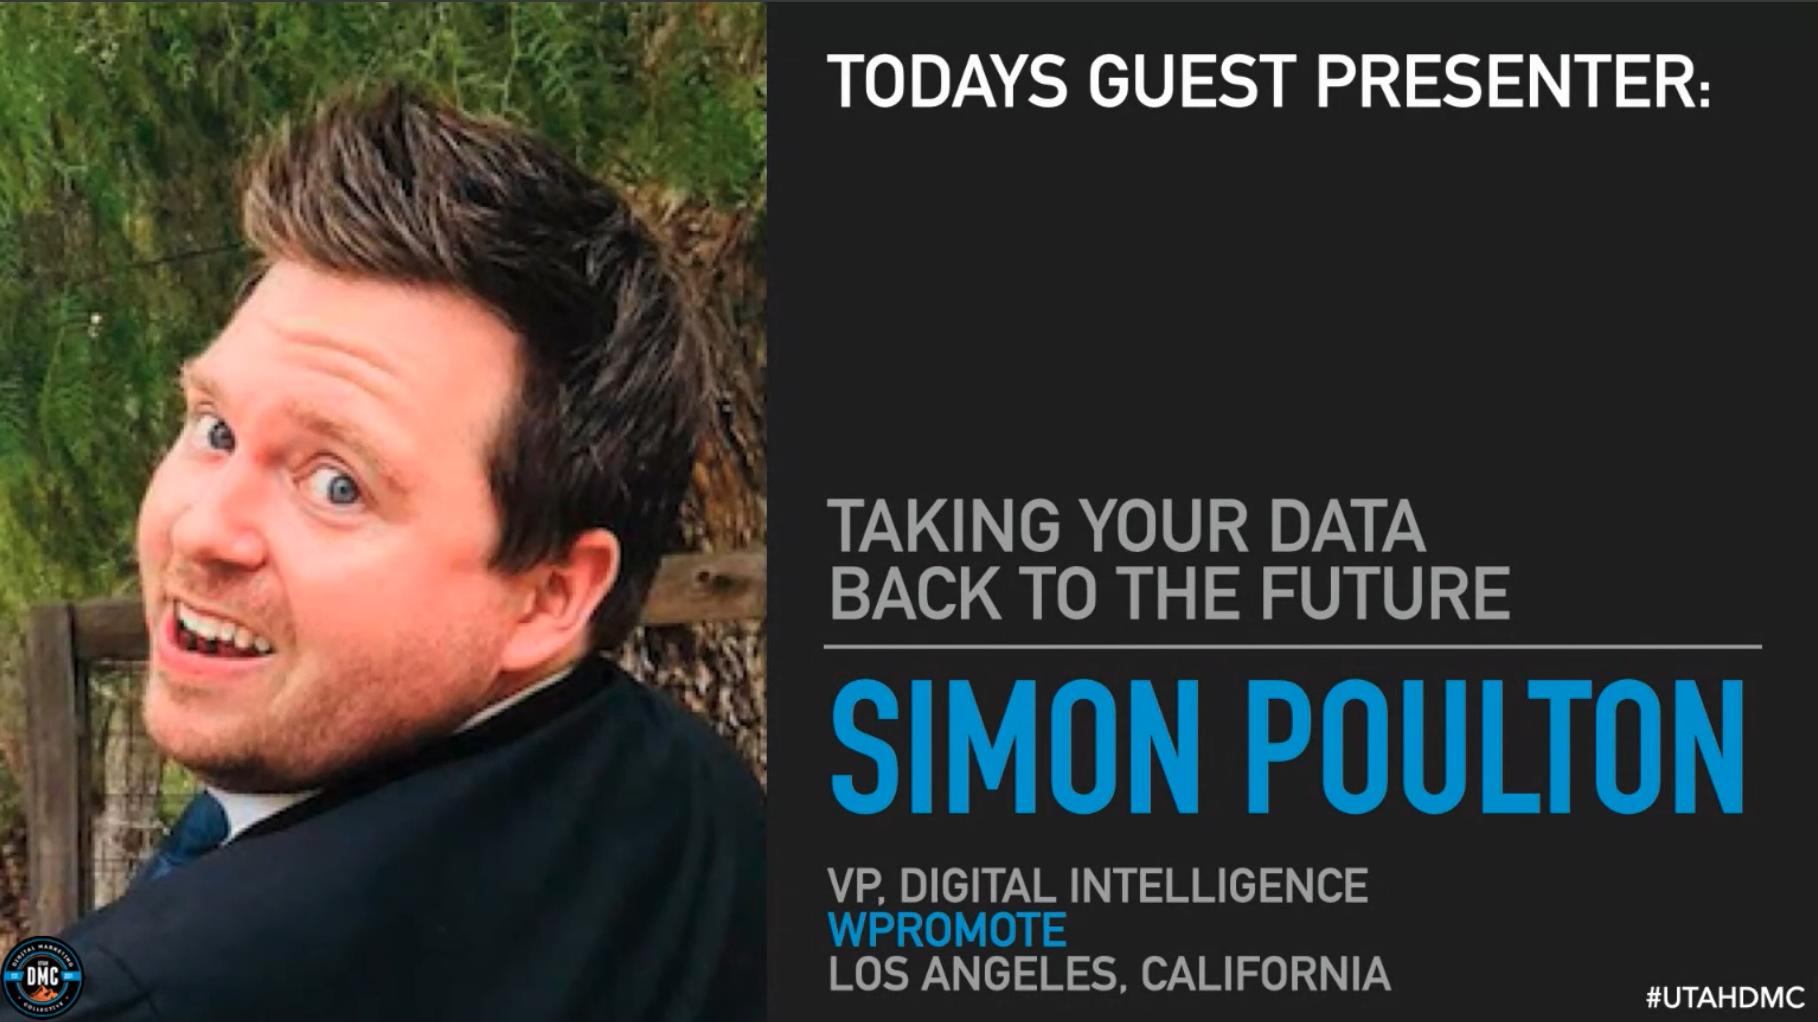 Simon Poulton - Utah DMC - Taking Your Data Back To The Future